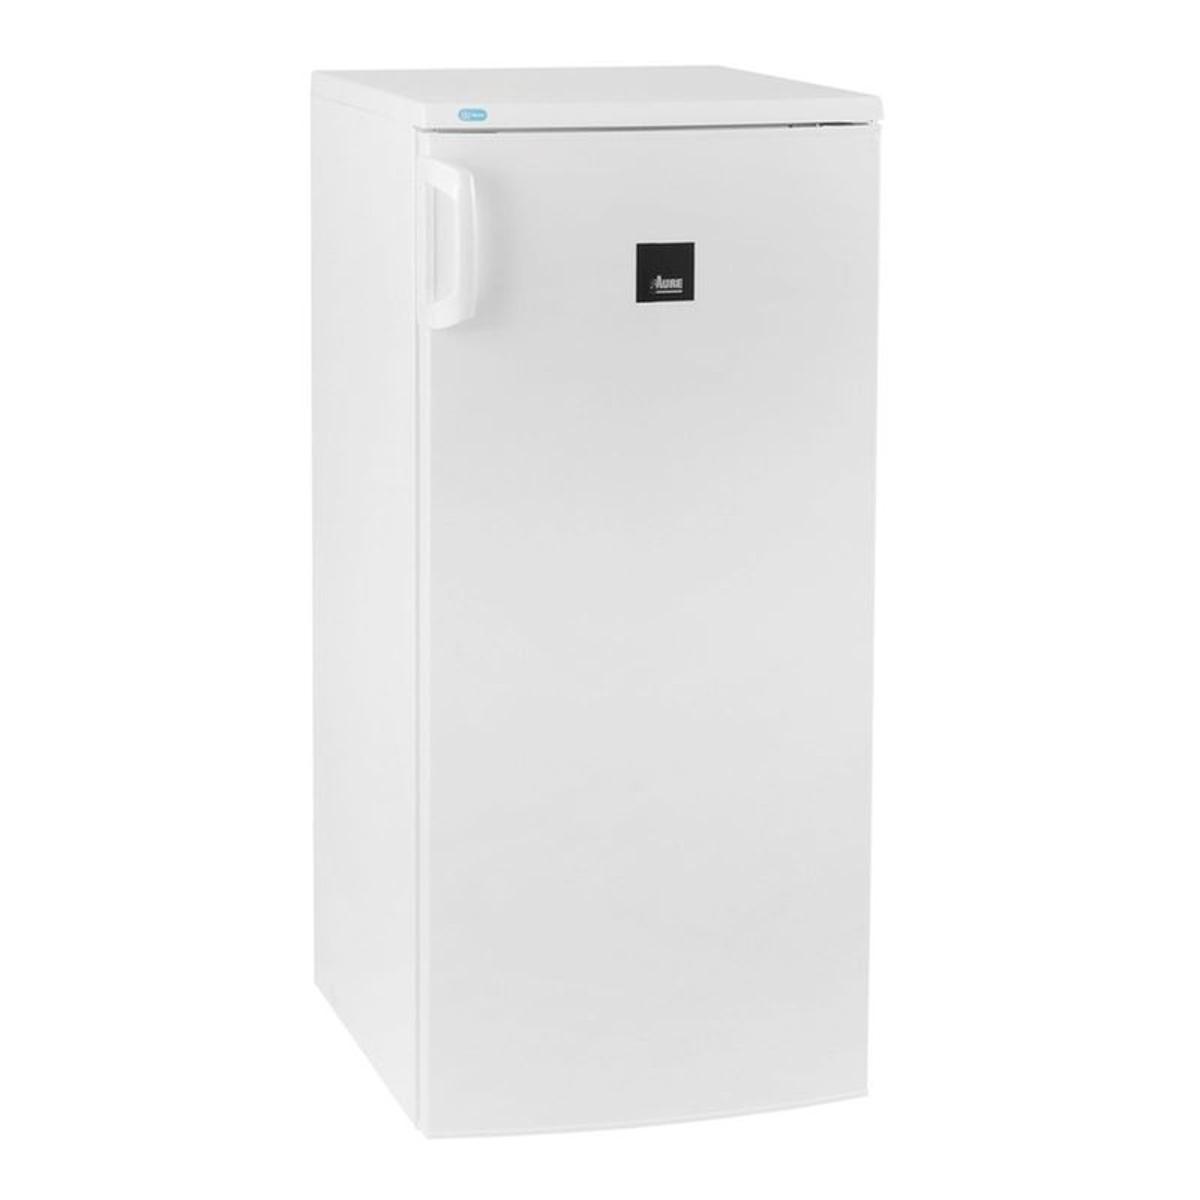 Achat r frig rateur 1 porte r frig rateur froid for Degivrer rapidement un congelateur